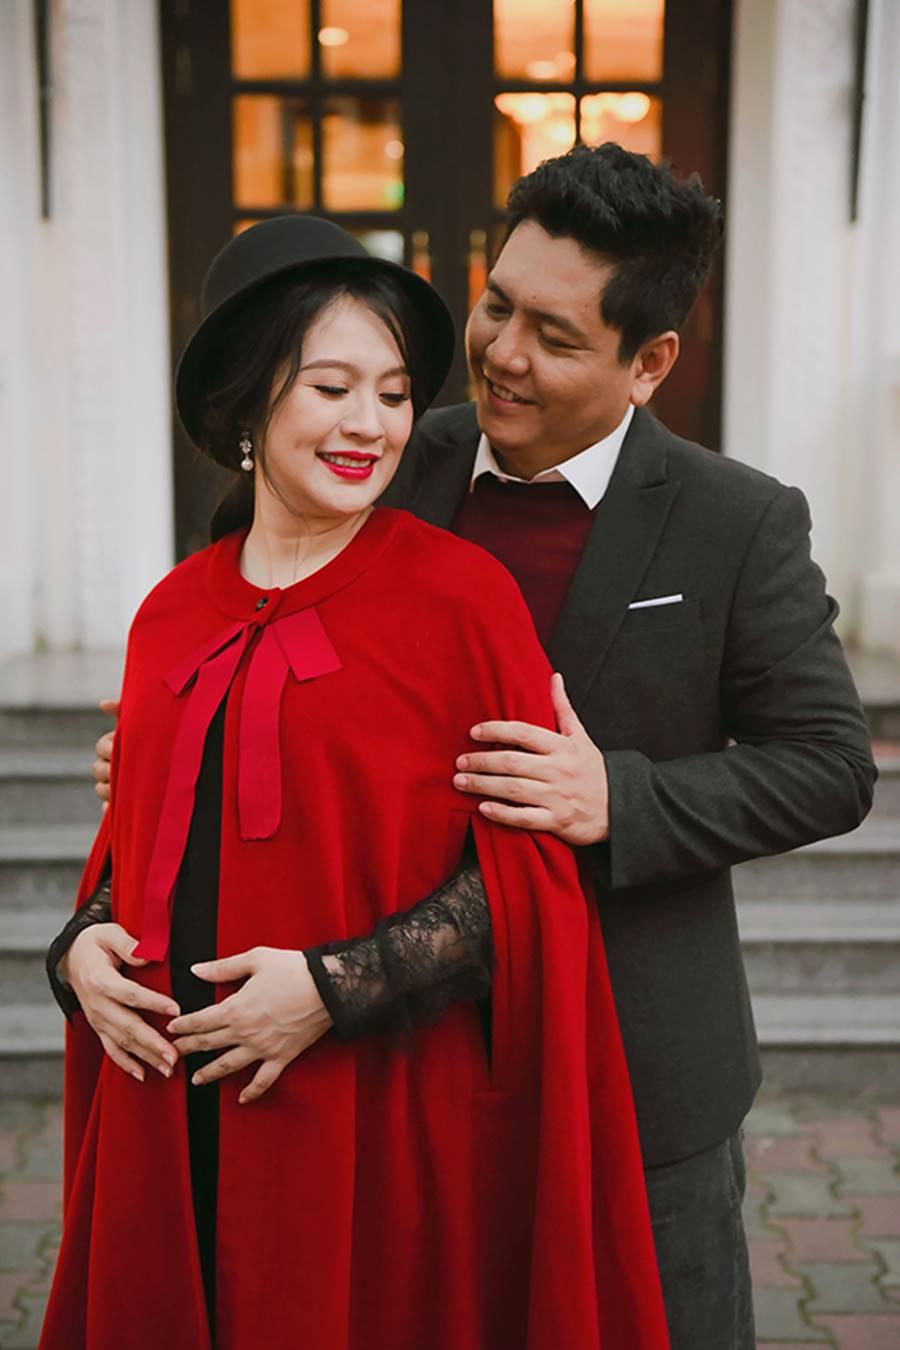 """Bà bầu"""" Thanh Thúy đẹp rạng ngời cùng chồng dạo phố Hà Nội-2"""